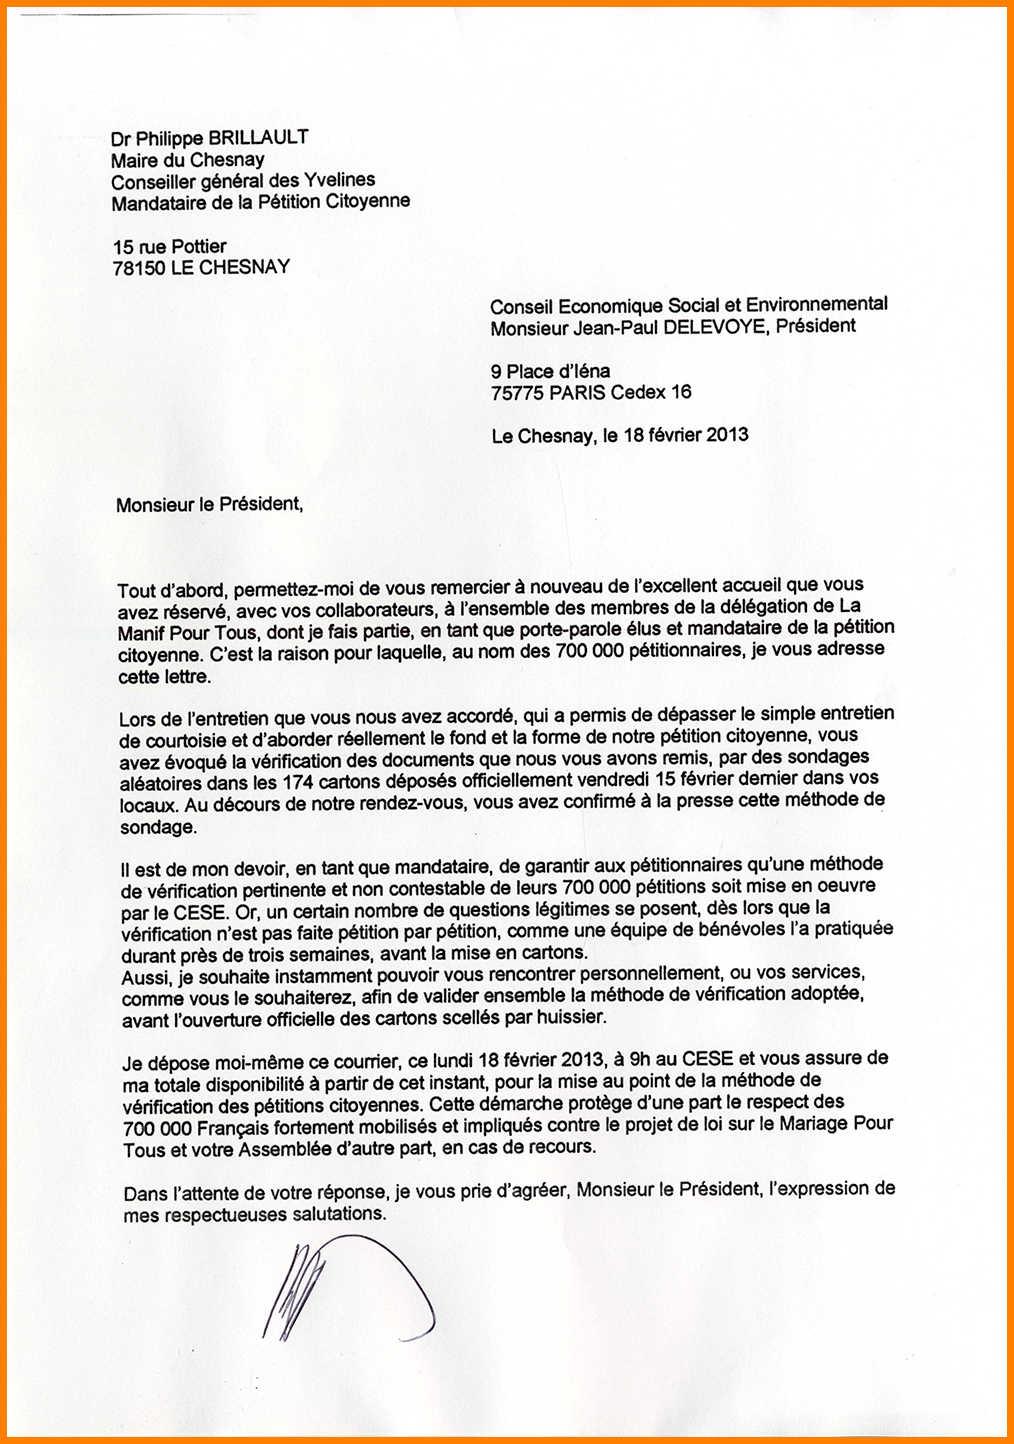 lettre de motivation conseil g u00e9n u00e9ral agent d u0026 39 entretien